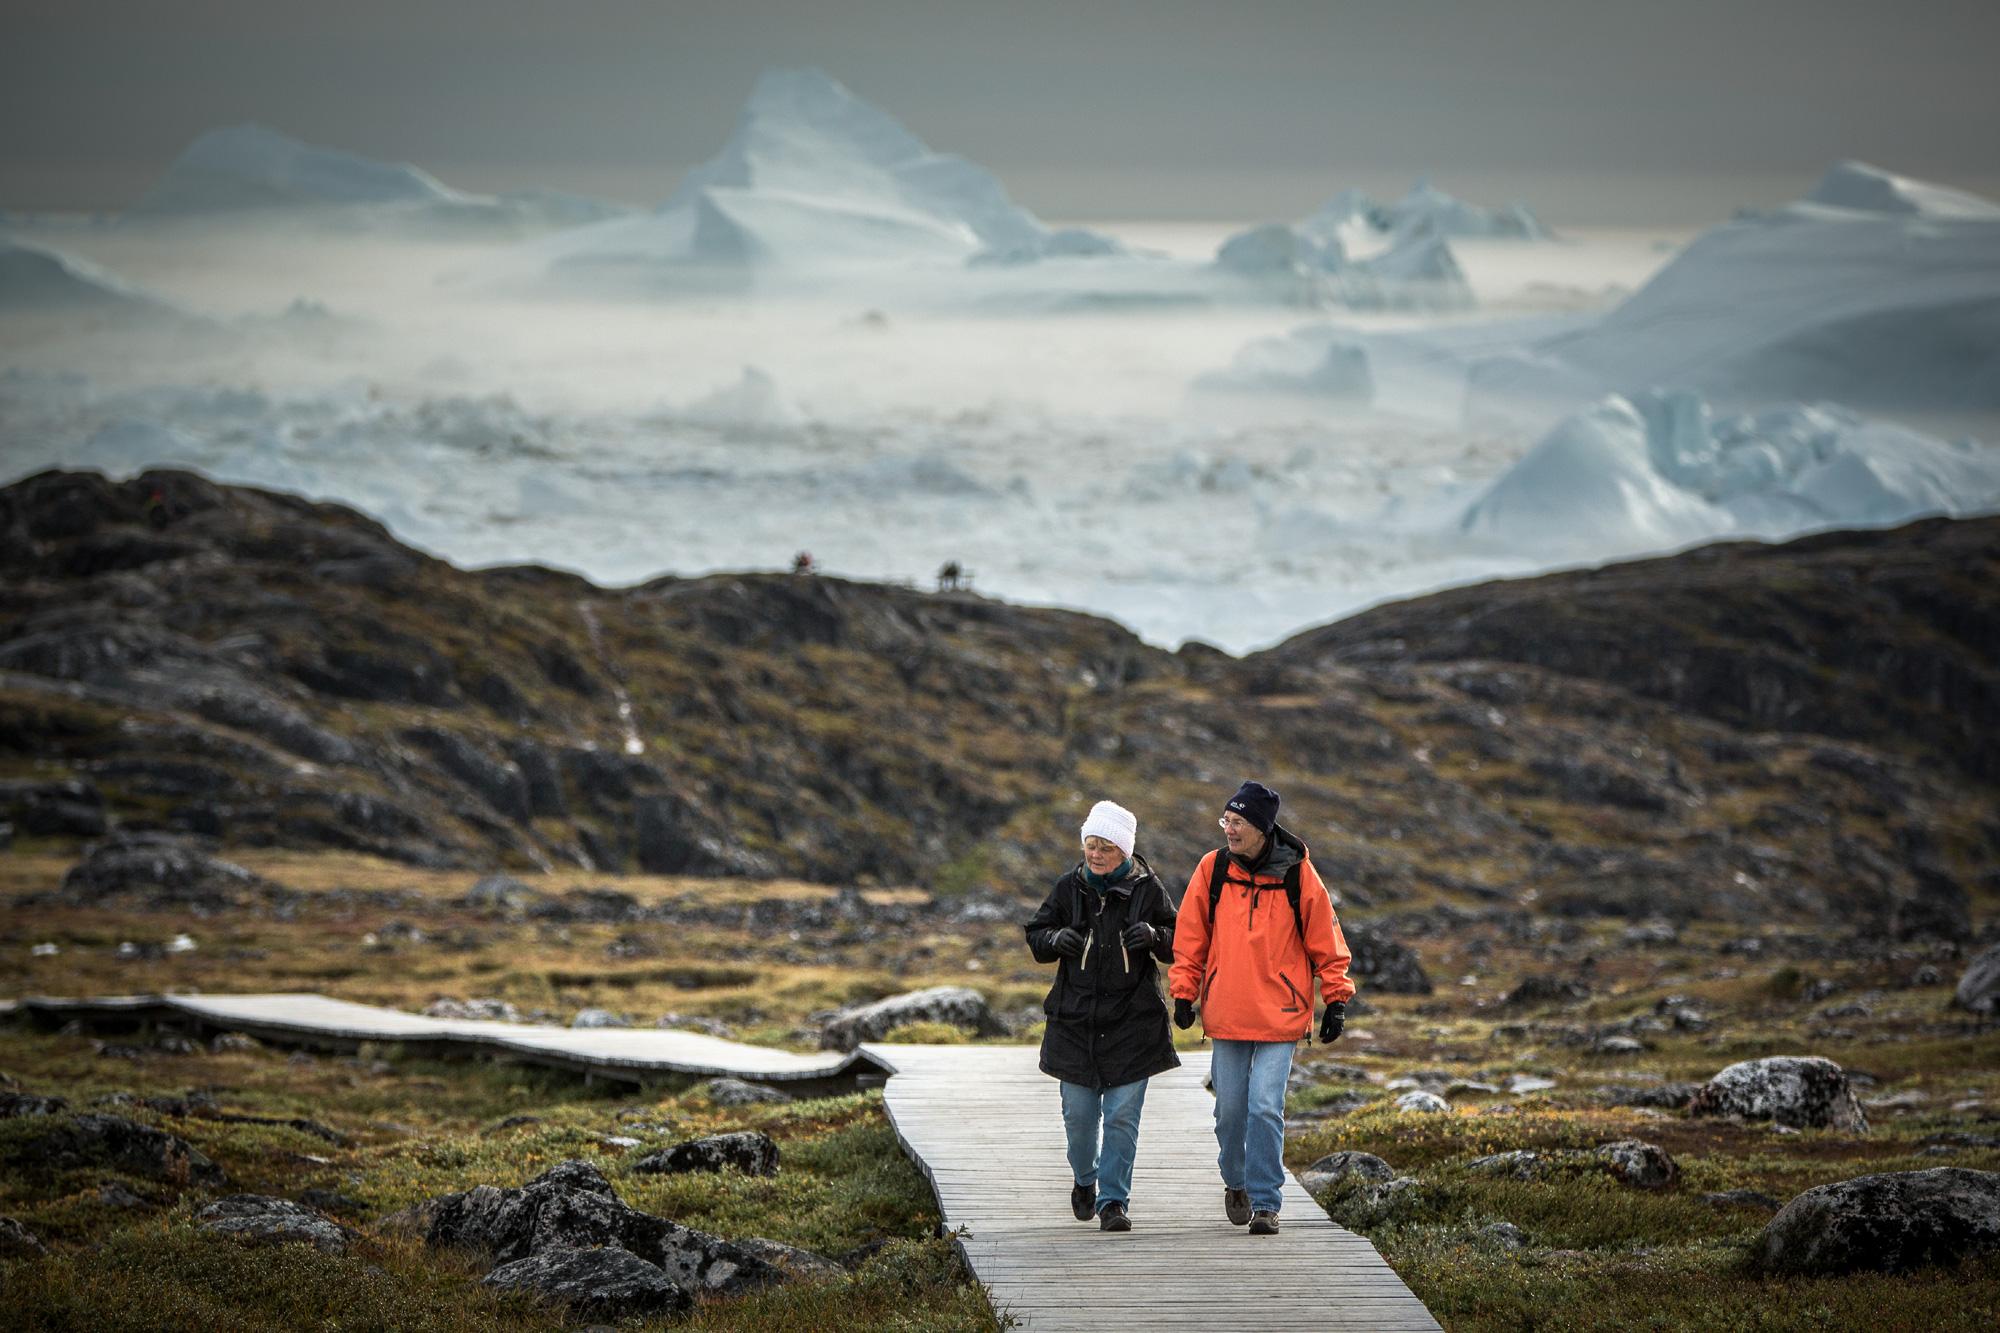 west greenland boardwalk near sermermiut vg